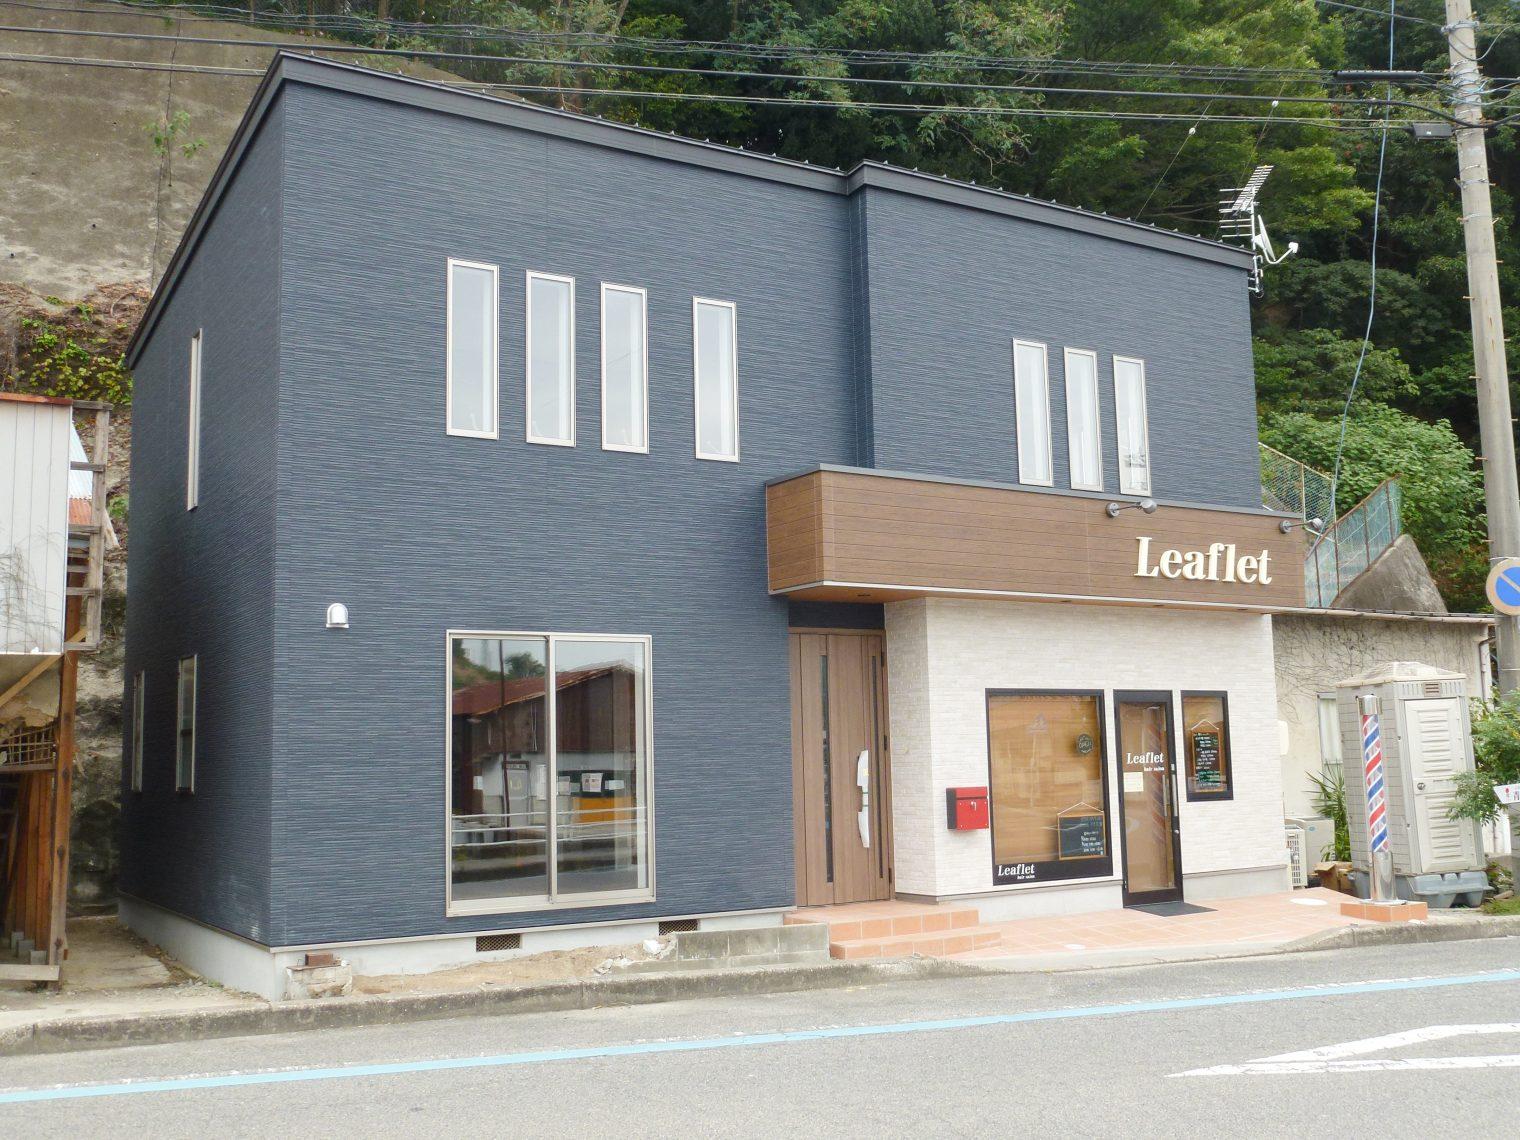 新築みたいなリノベーション!かっこいい雰囲気の店舗付き住宅